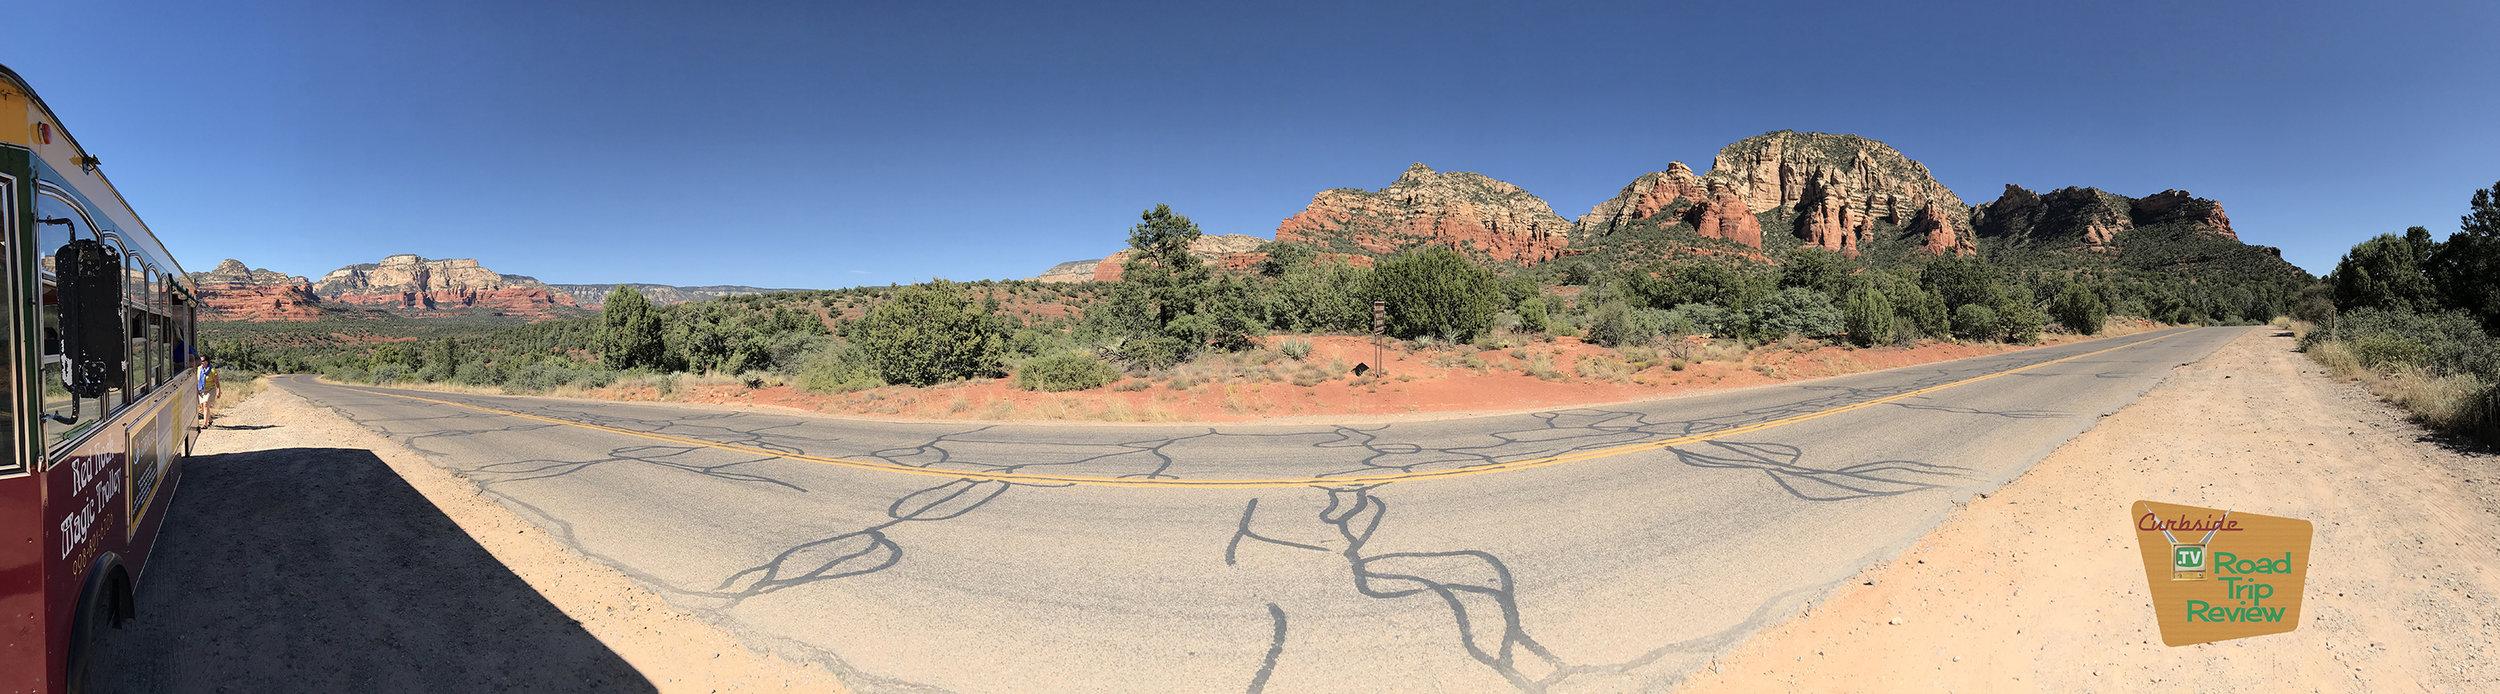 The Red Rock Magic Trolley tour in Sedona, Arizona